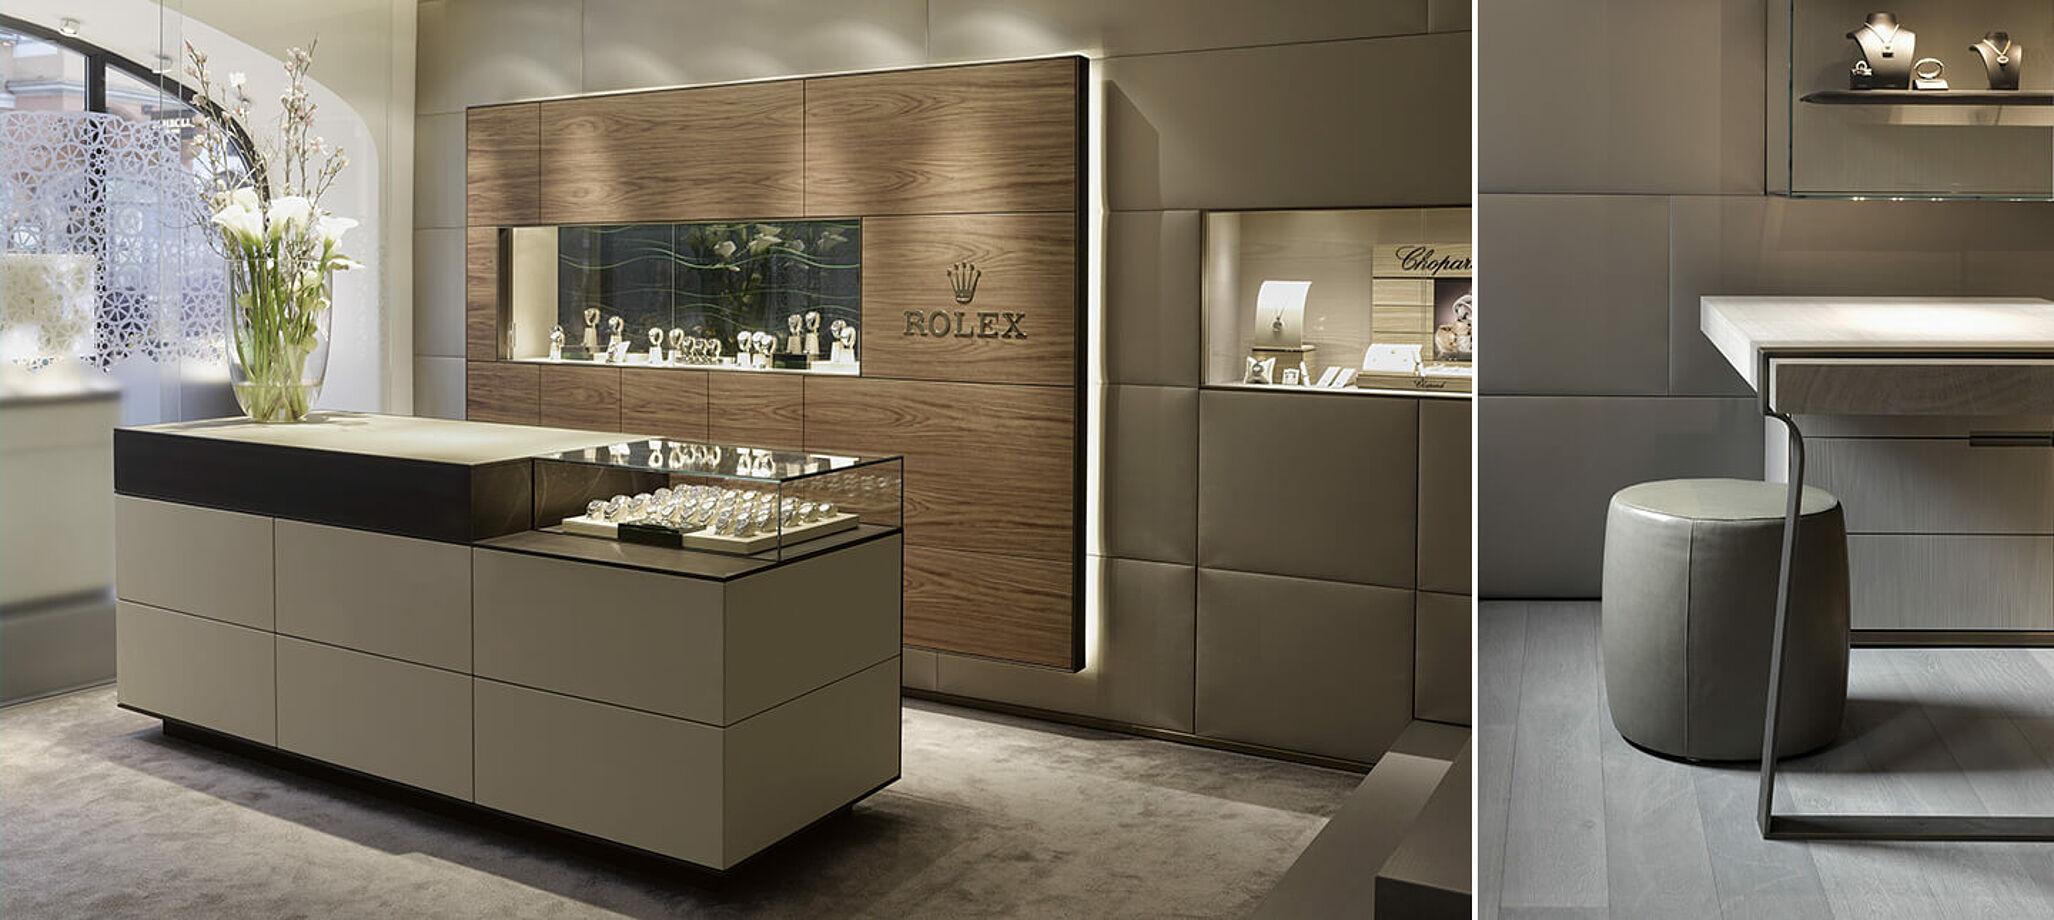 schroll jeweller and goldsmiths kitzb hel. Black Bedroom Furniture Sets. Home Design Ideas